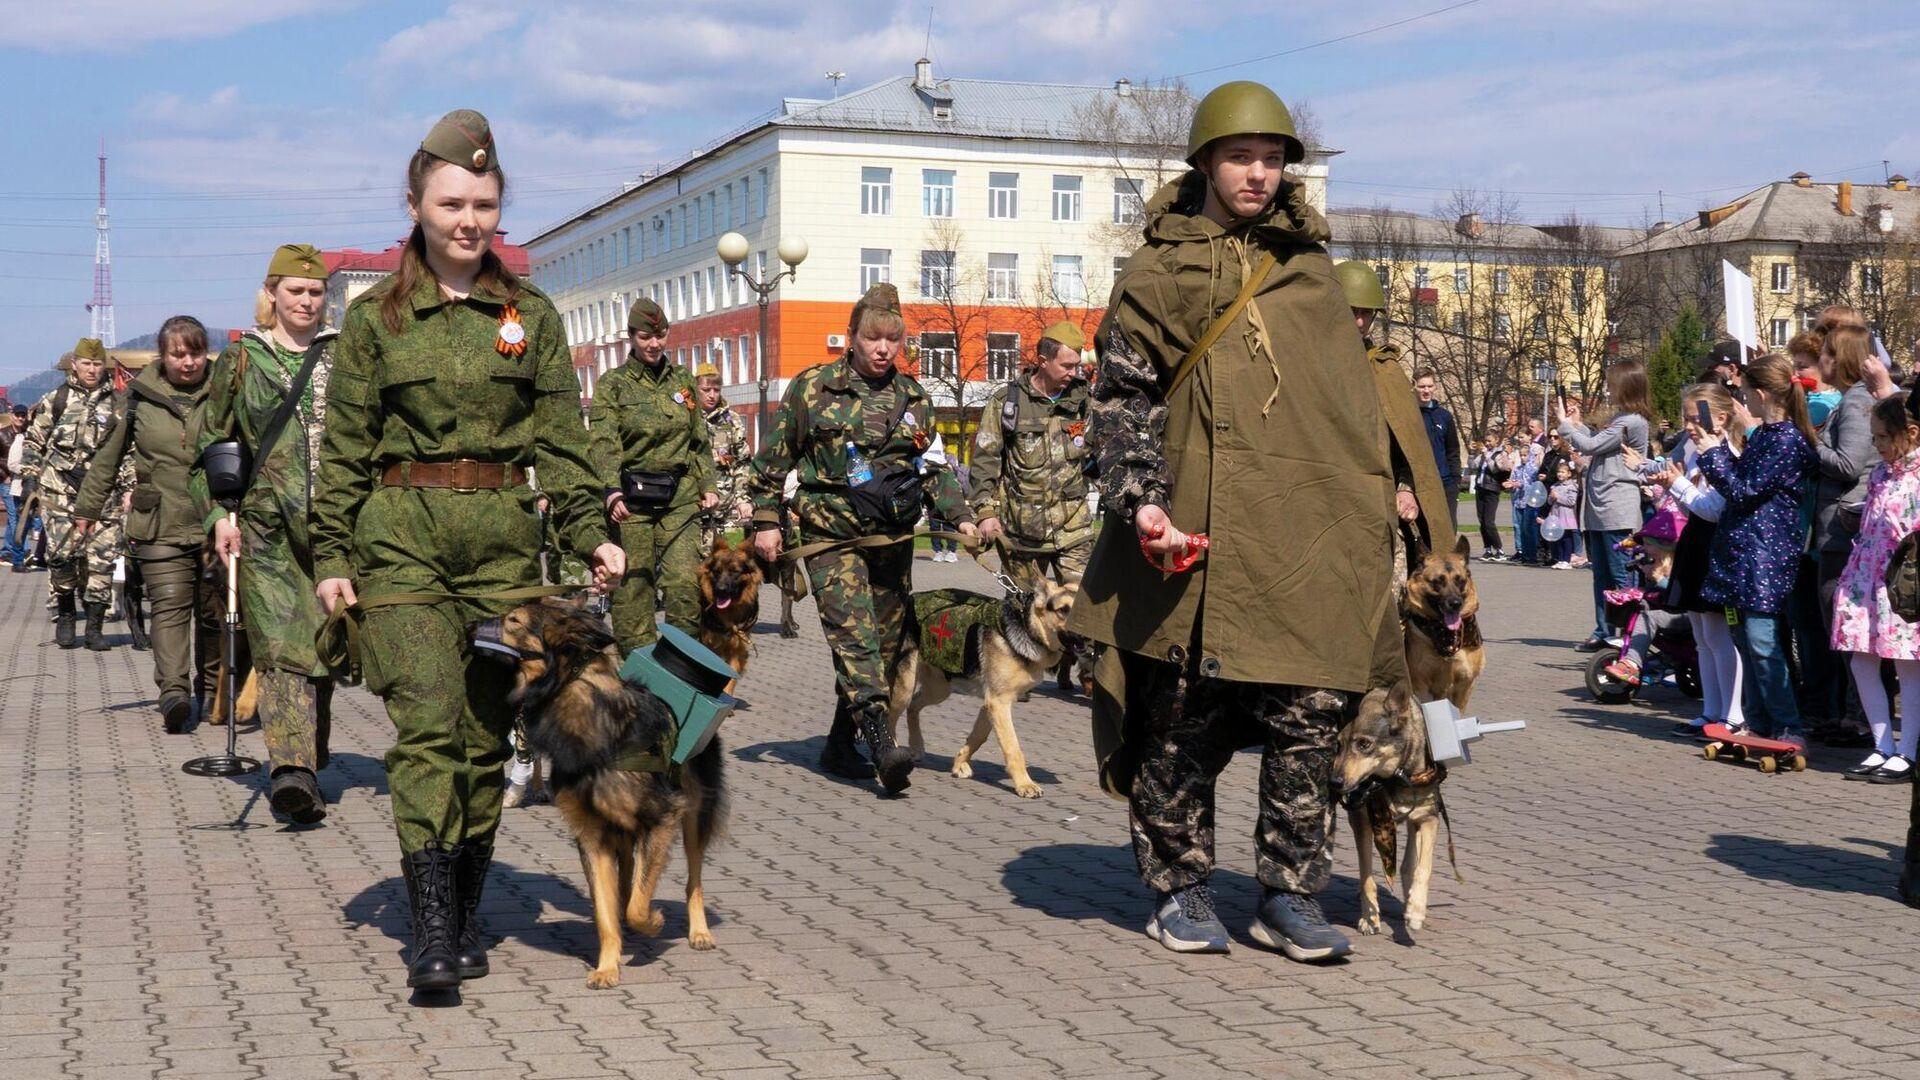 Полк собак прошагал торжественным маршем в День Победы в кузбасском Междуреченске - РИА Новости, 1920, 09.05.2021